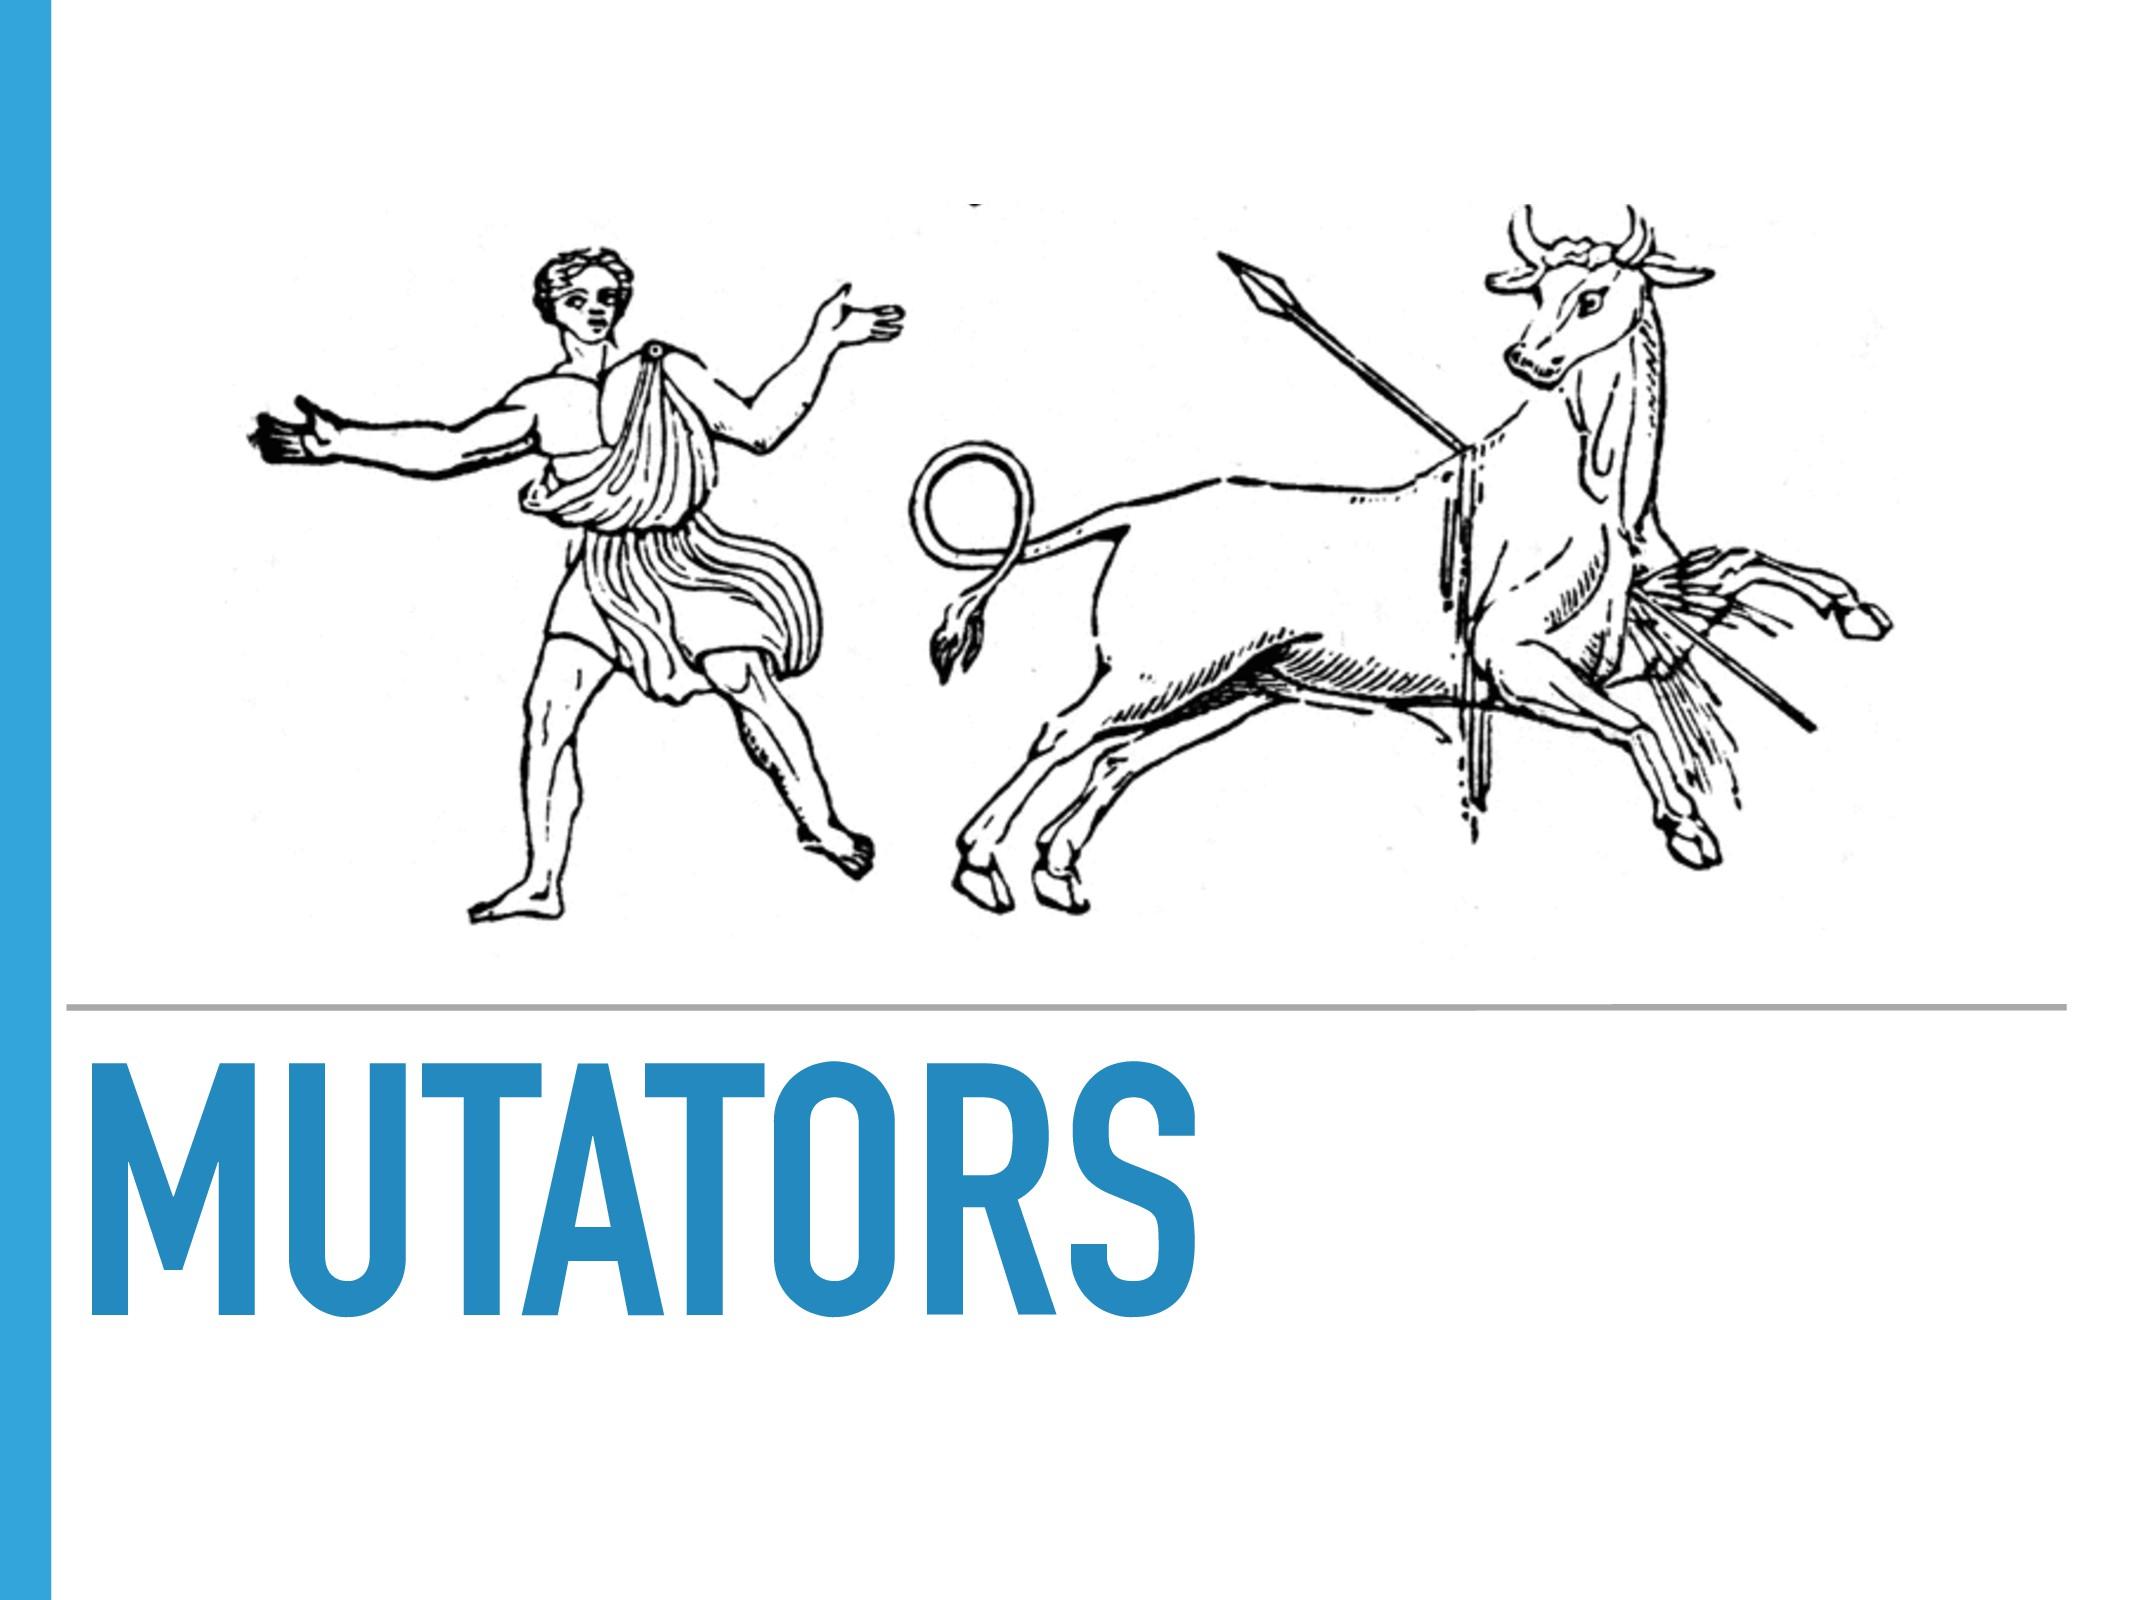 MUTATORS